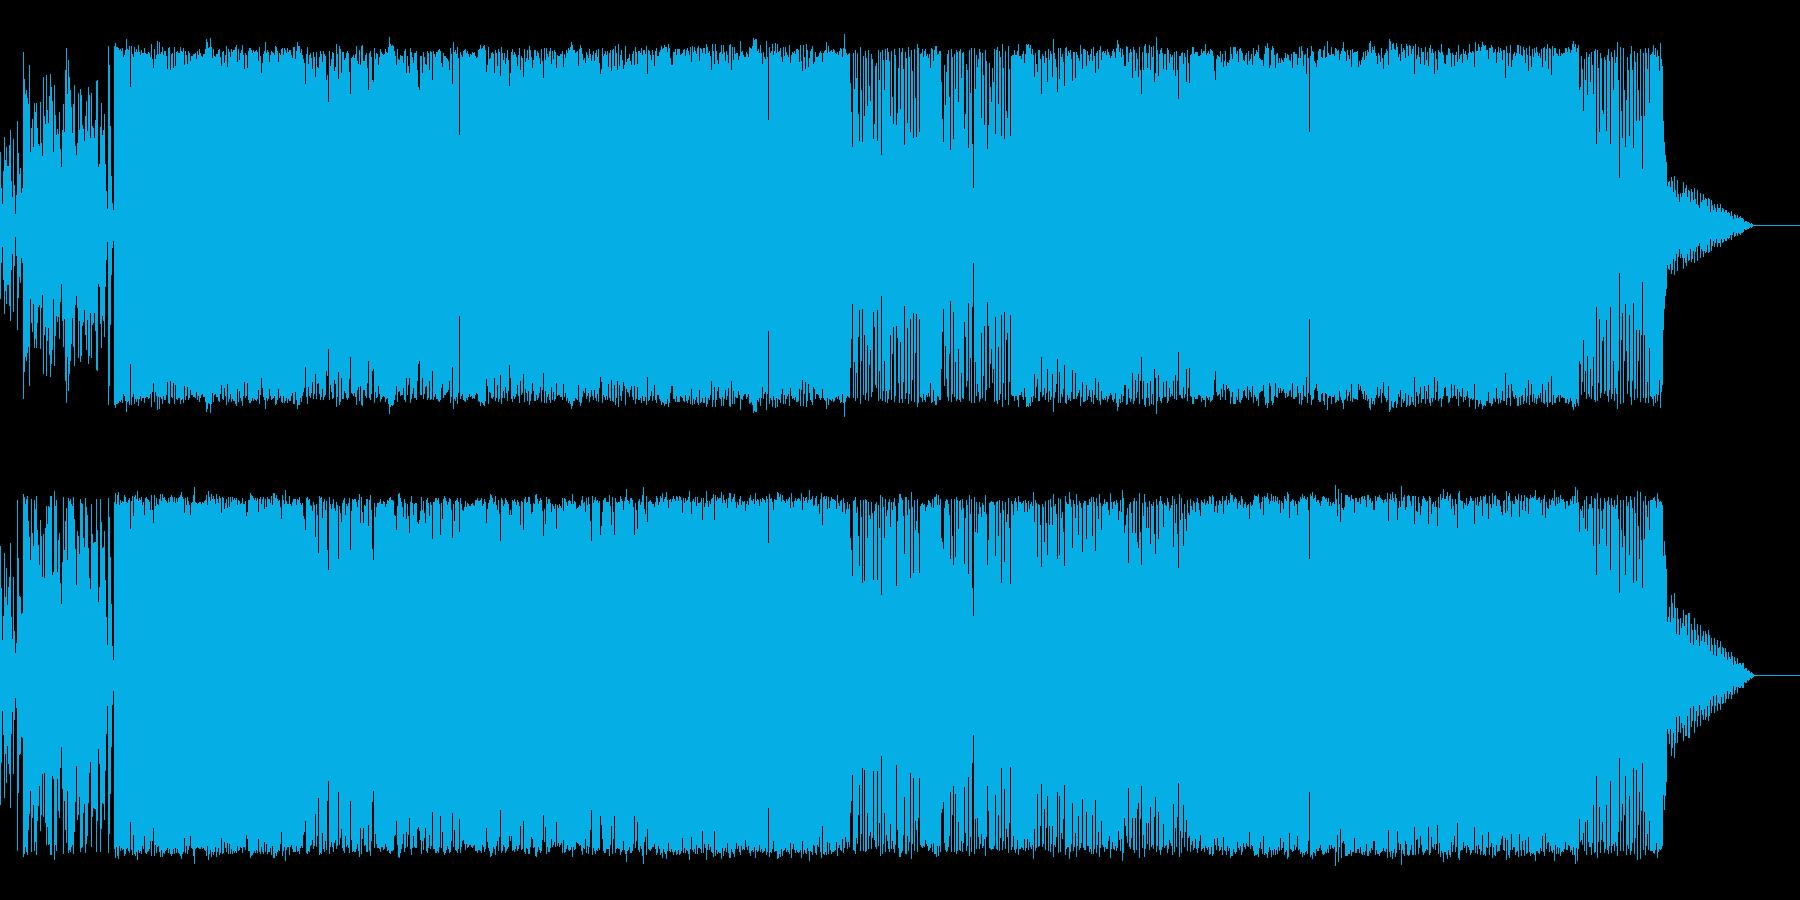 情熱的で切ないカッコイイ曲の再生済みの波形